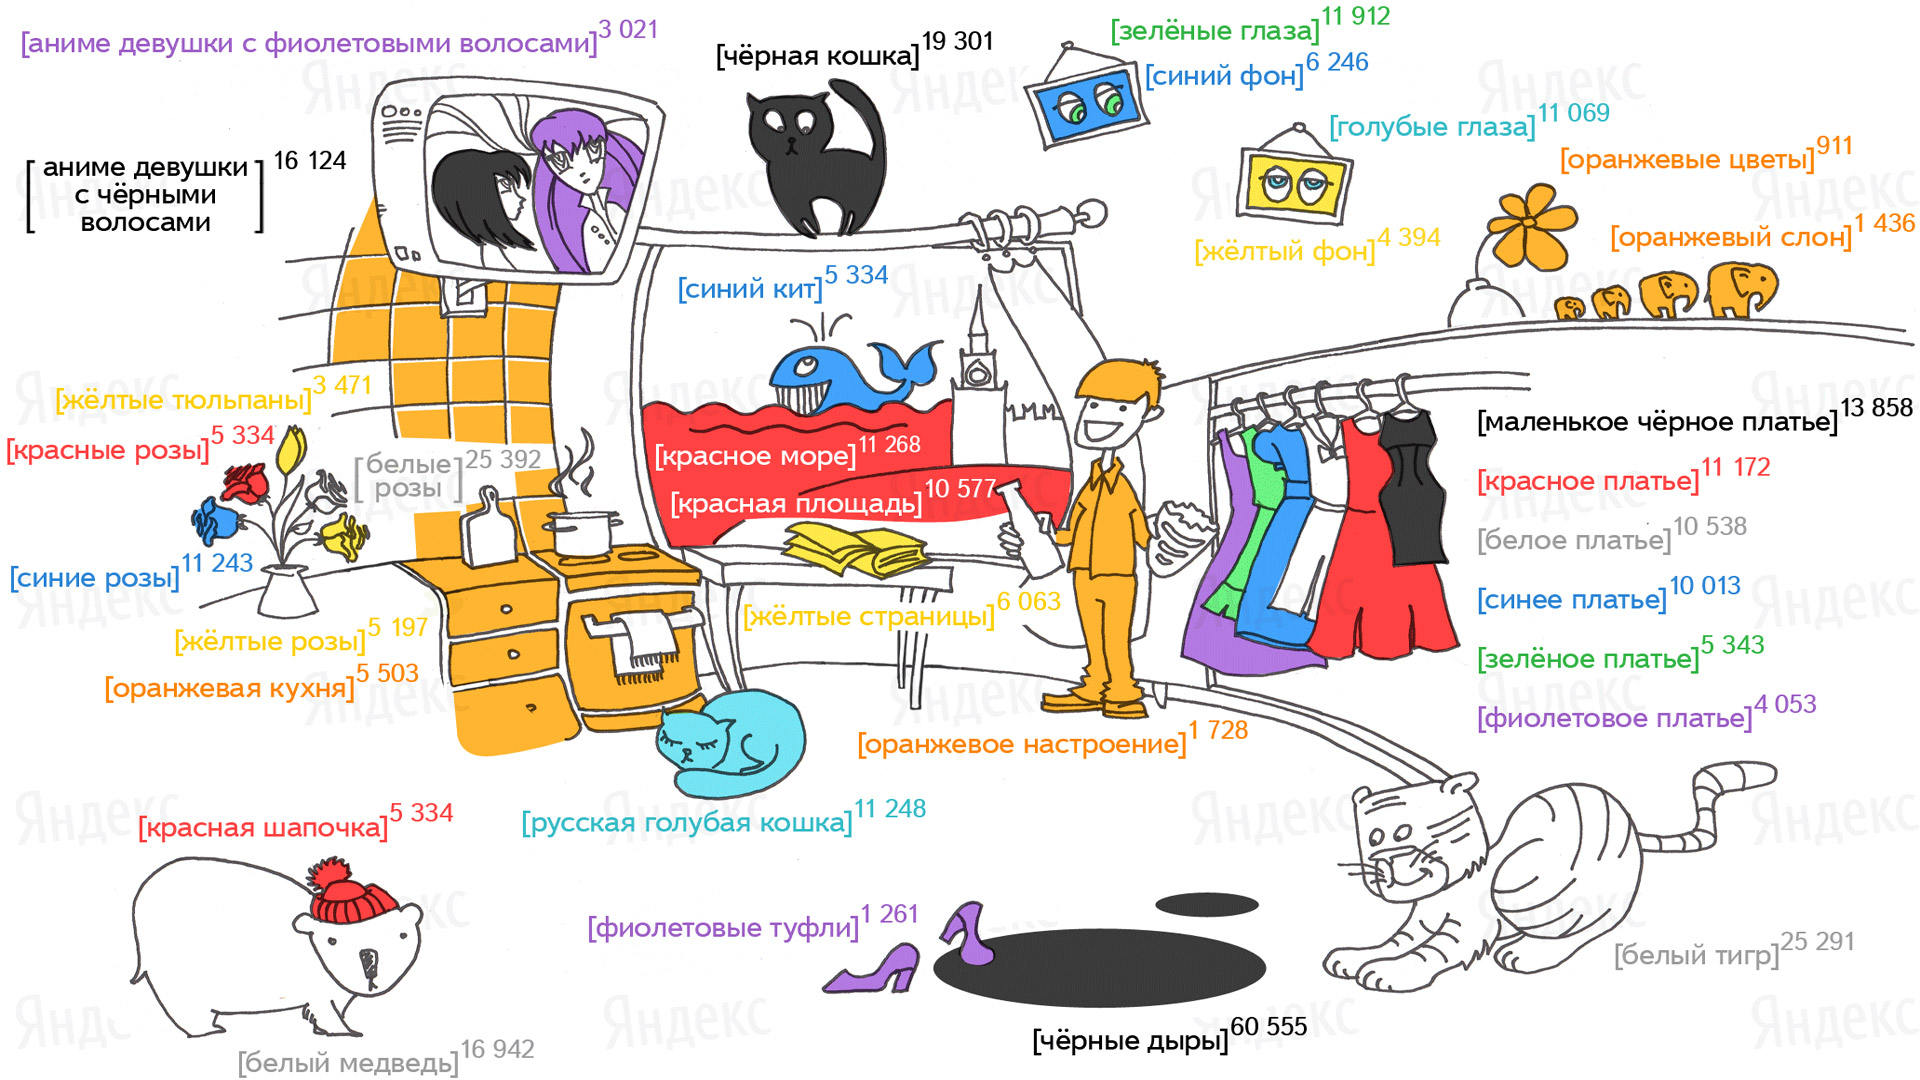 Что такое поисковая система, как она работает? :: syl.ru